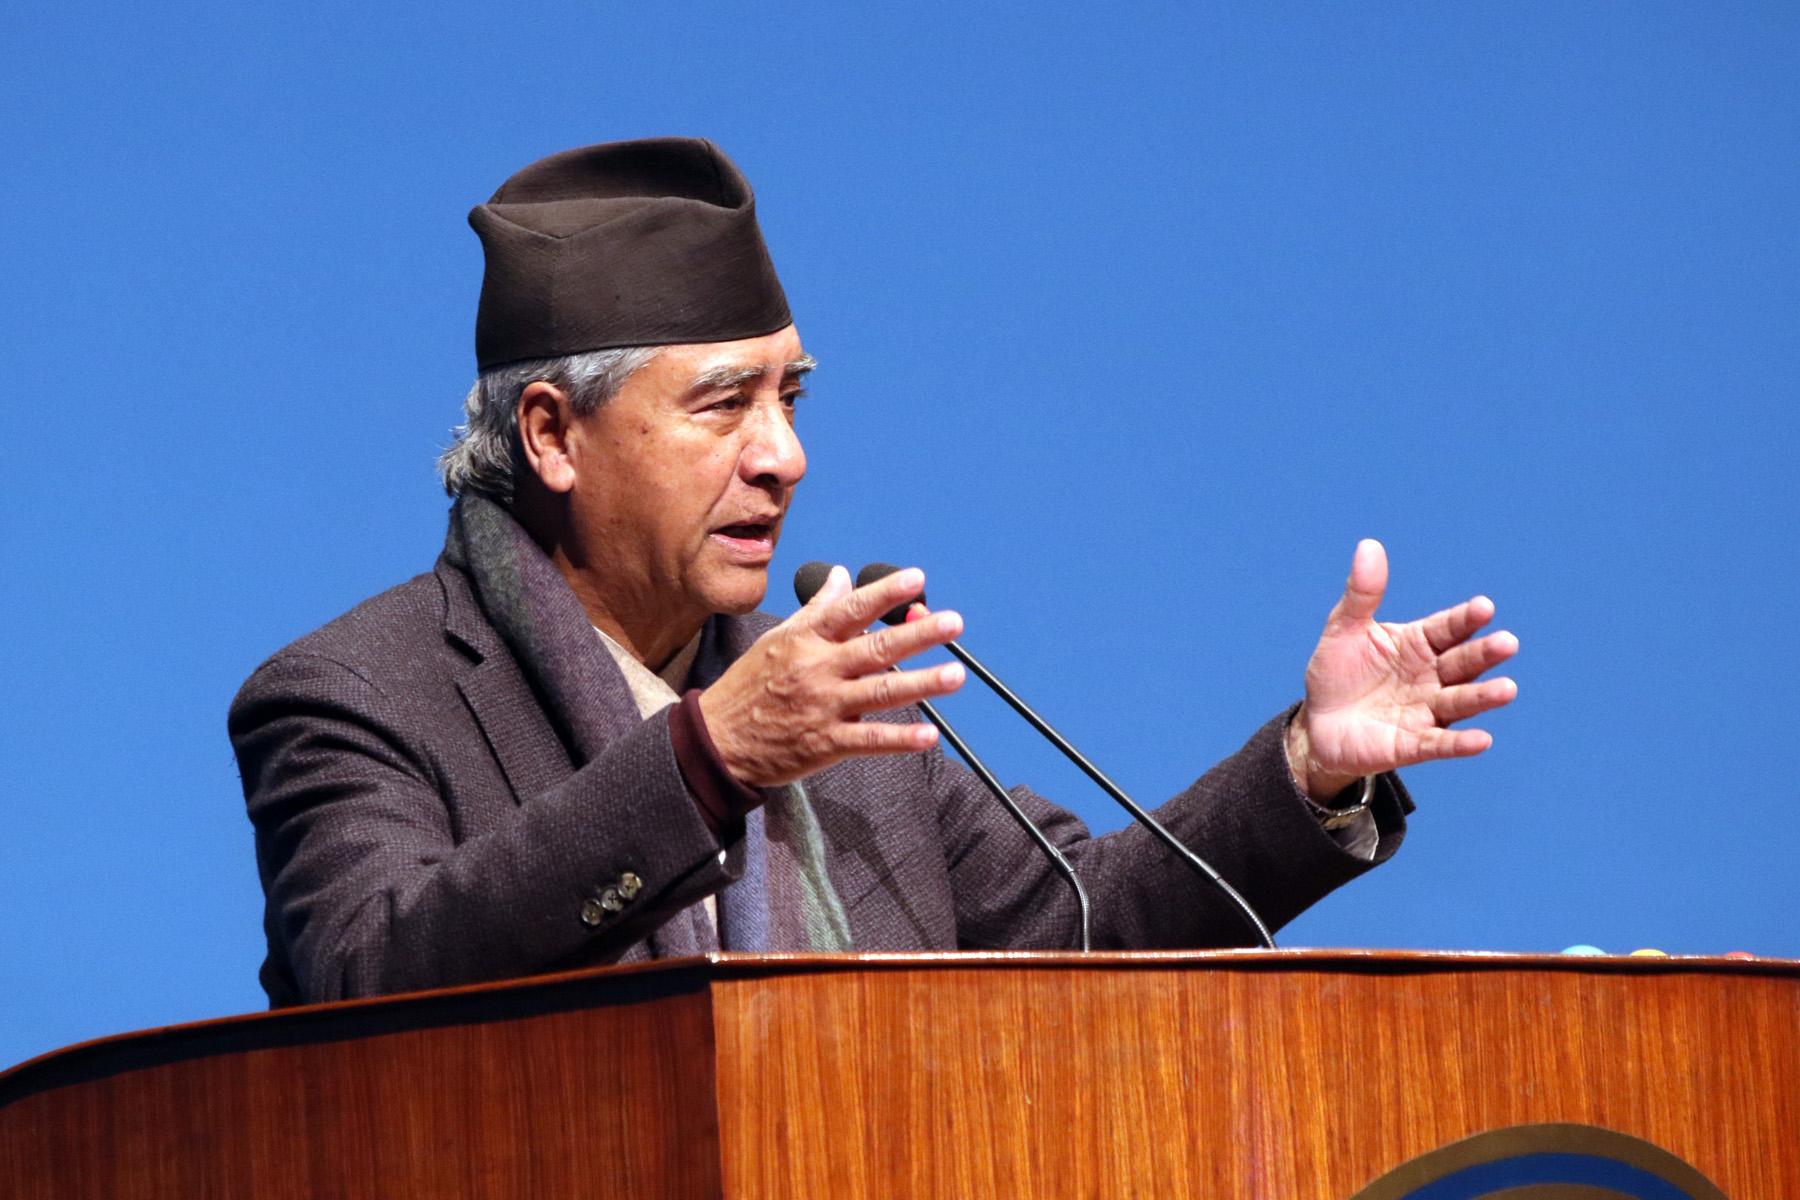 माओवादीले समर्थन फिर्ता नलिएसम्म नयाँ सरकारको सम्भावना छैन : सभापति देउवा